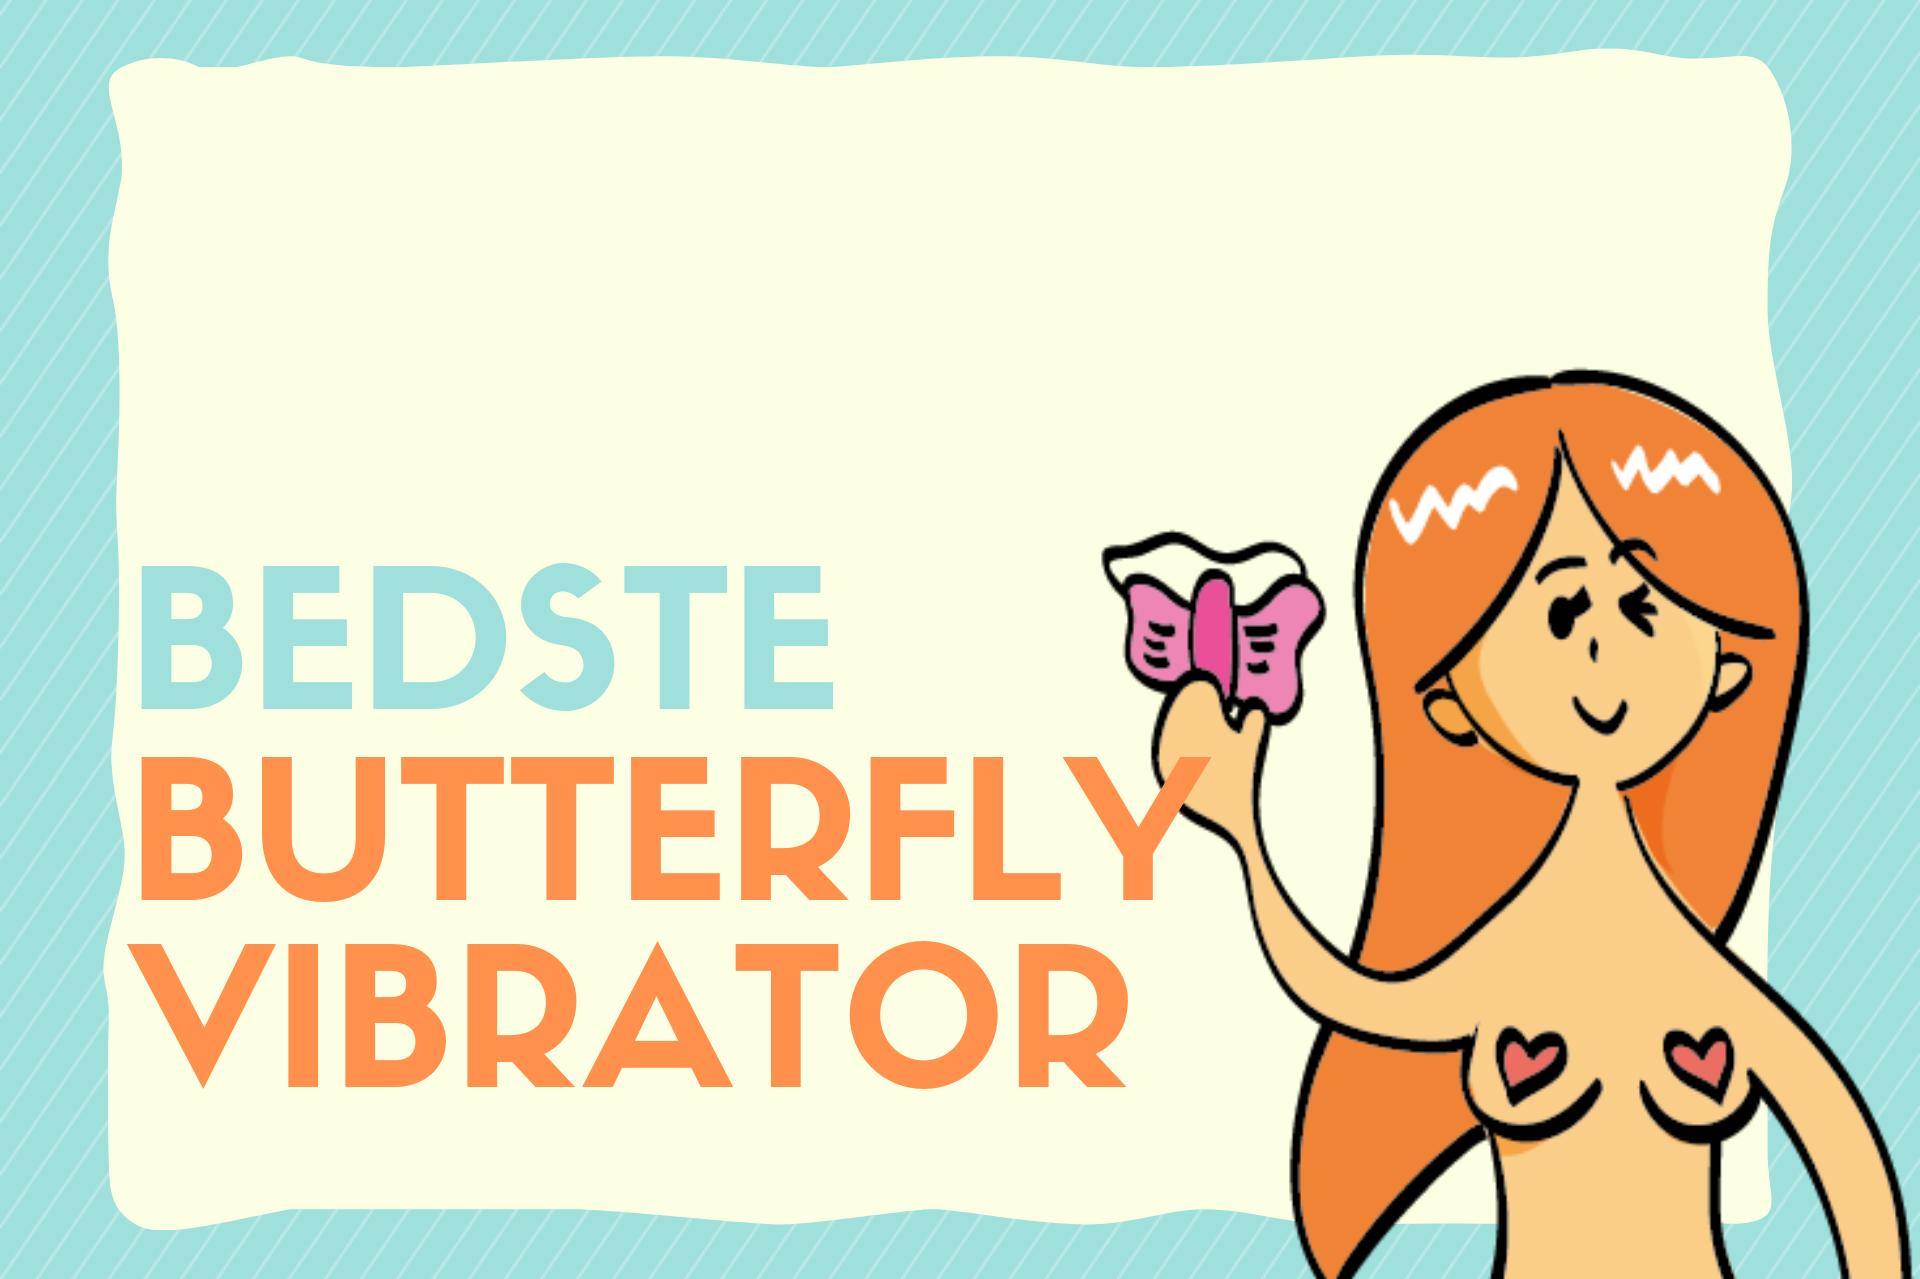 bedste butterfly vibrator